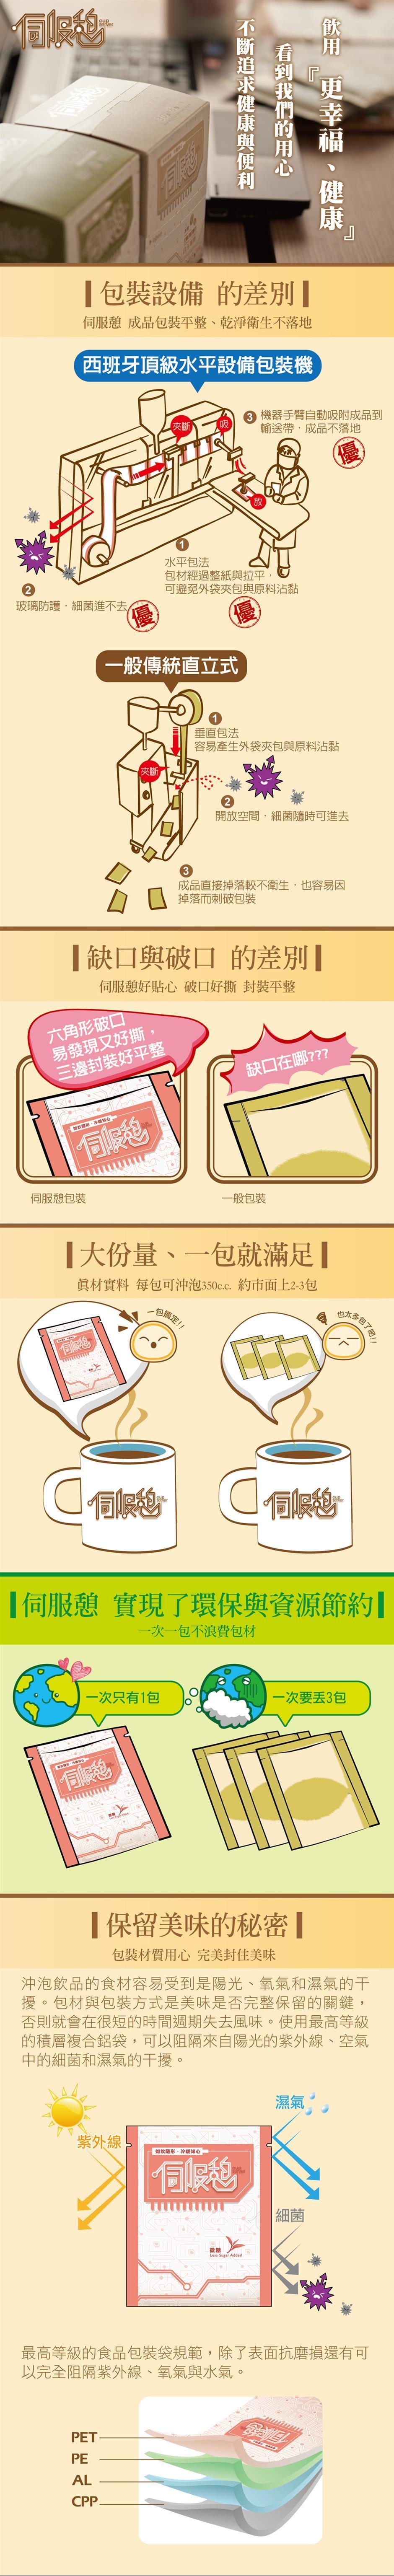 好喝奶茶,食品安全,拿鐵